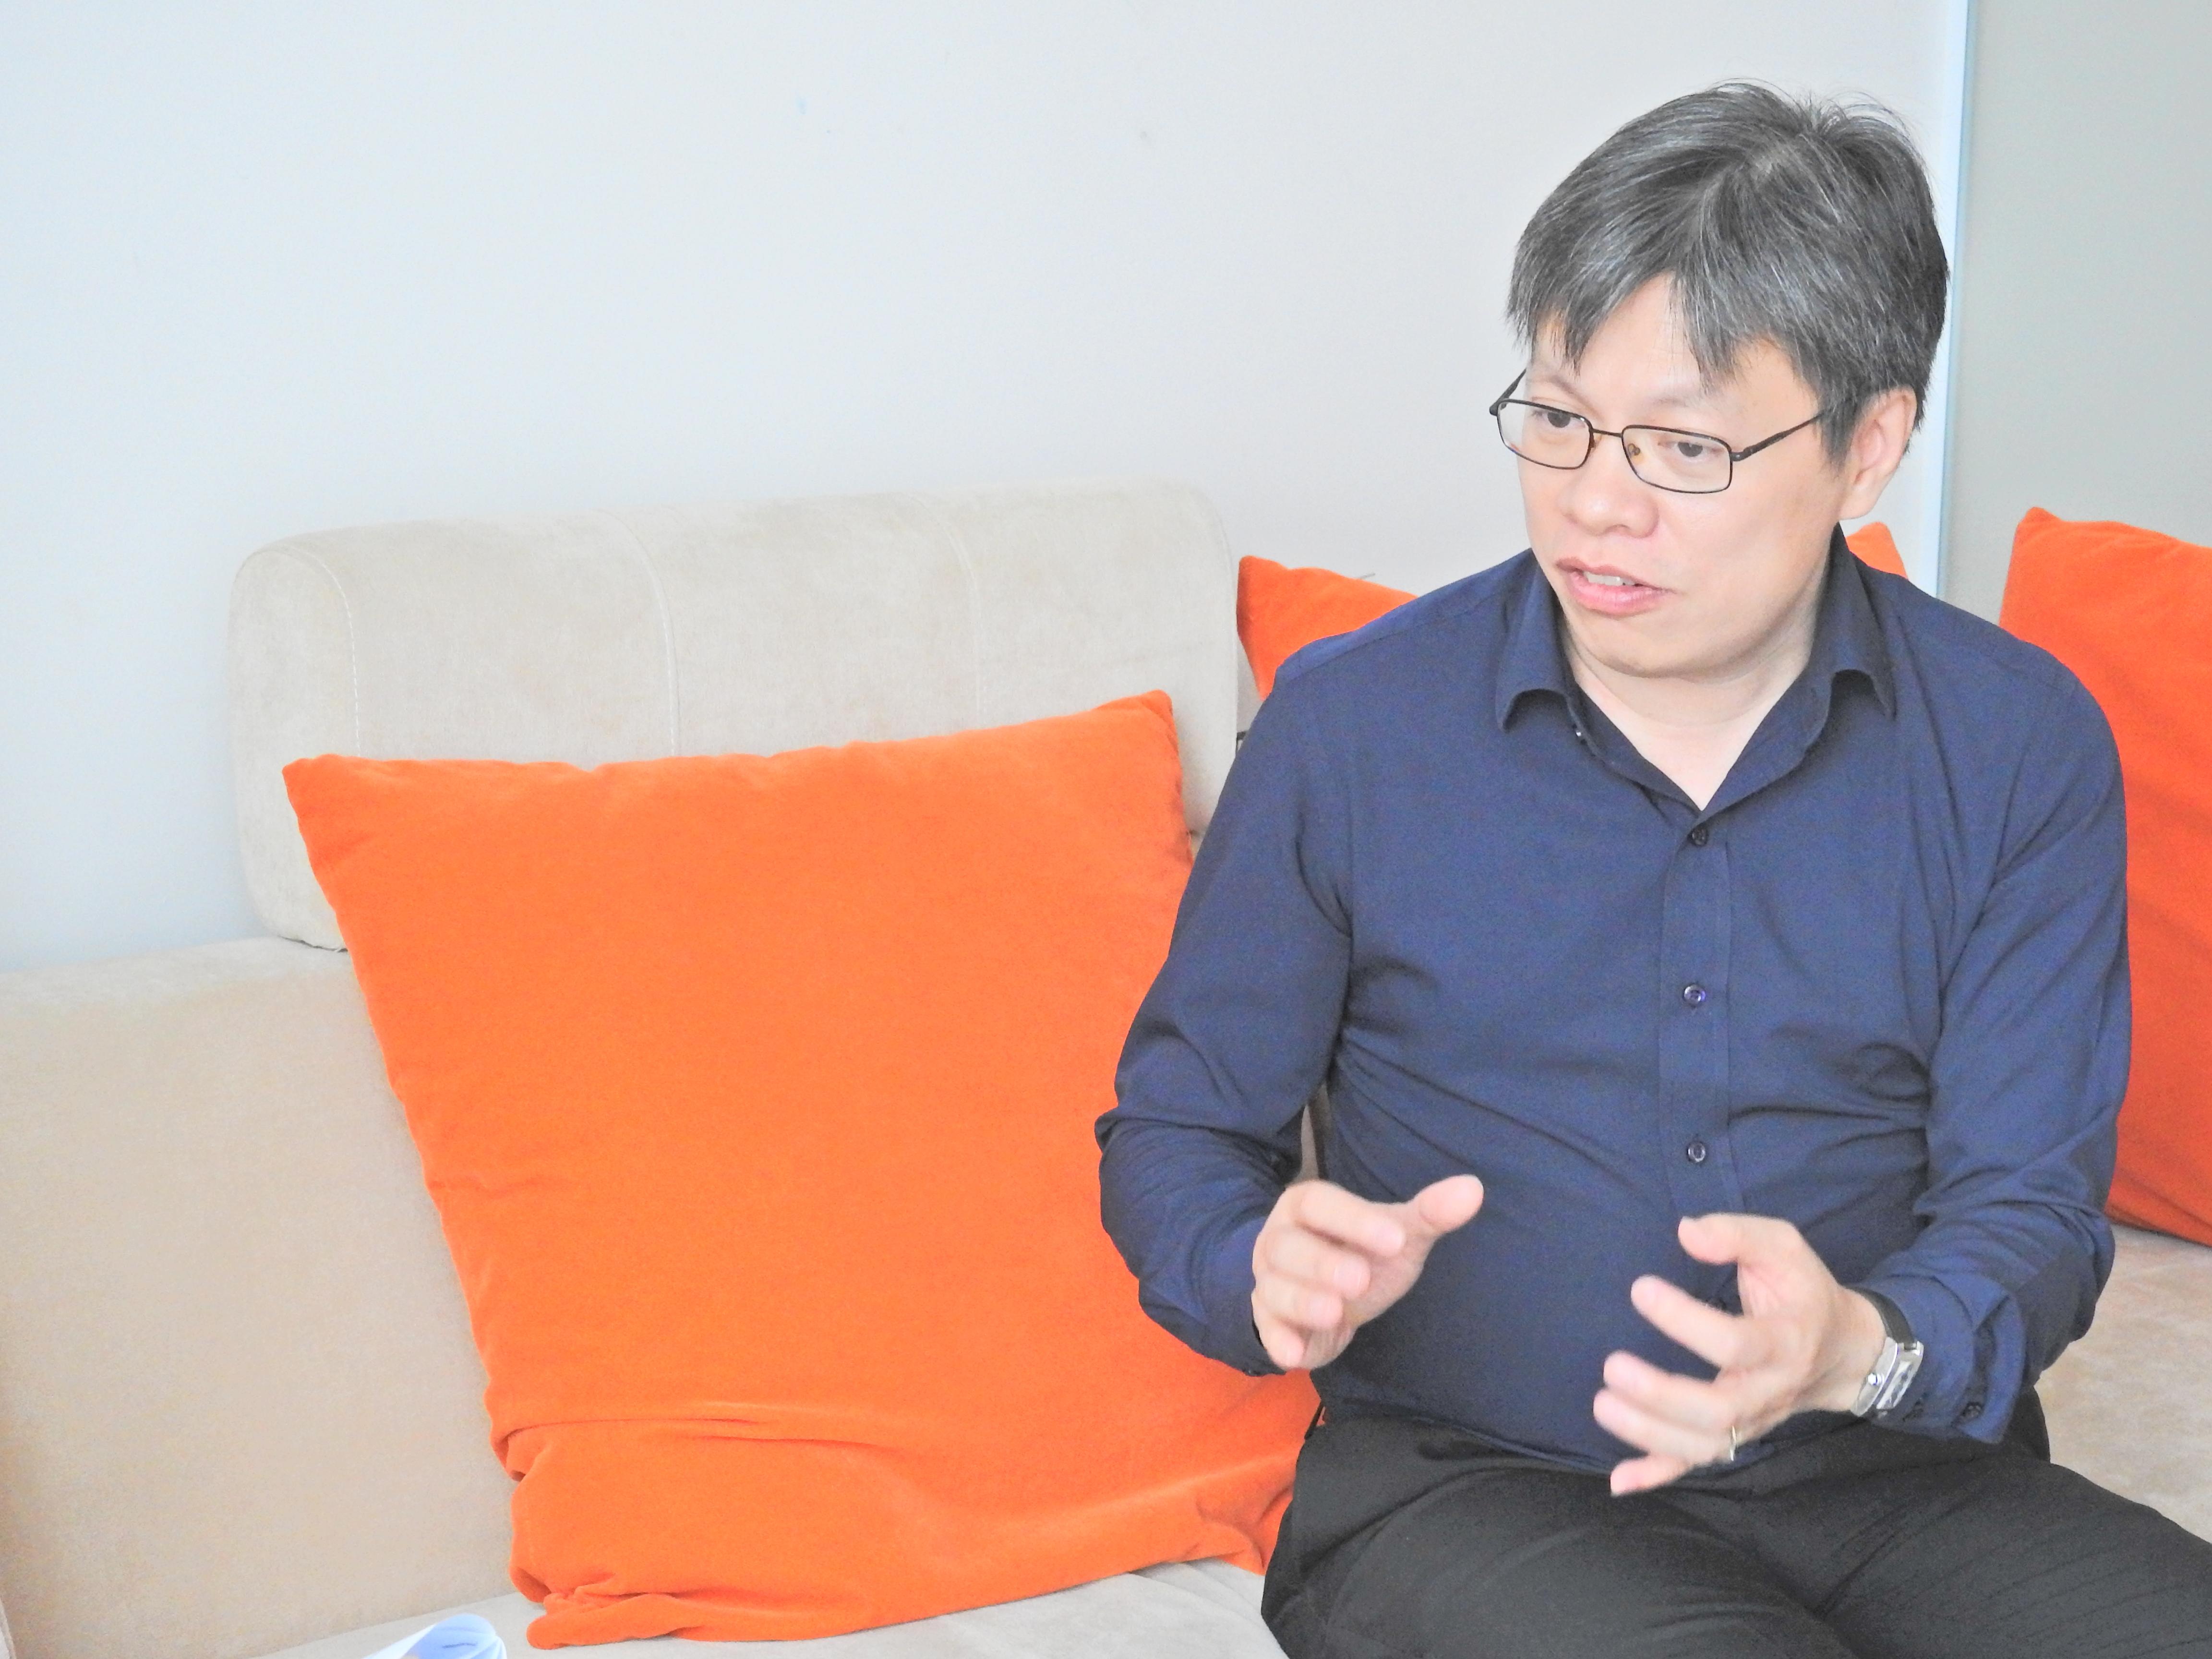 Ông Lê Quốc Vinh - Chủ tịch Le Group. Ảnh: Trần Thành